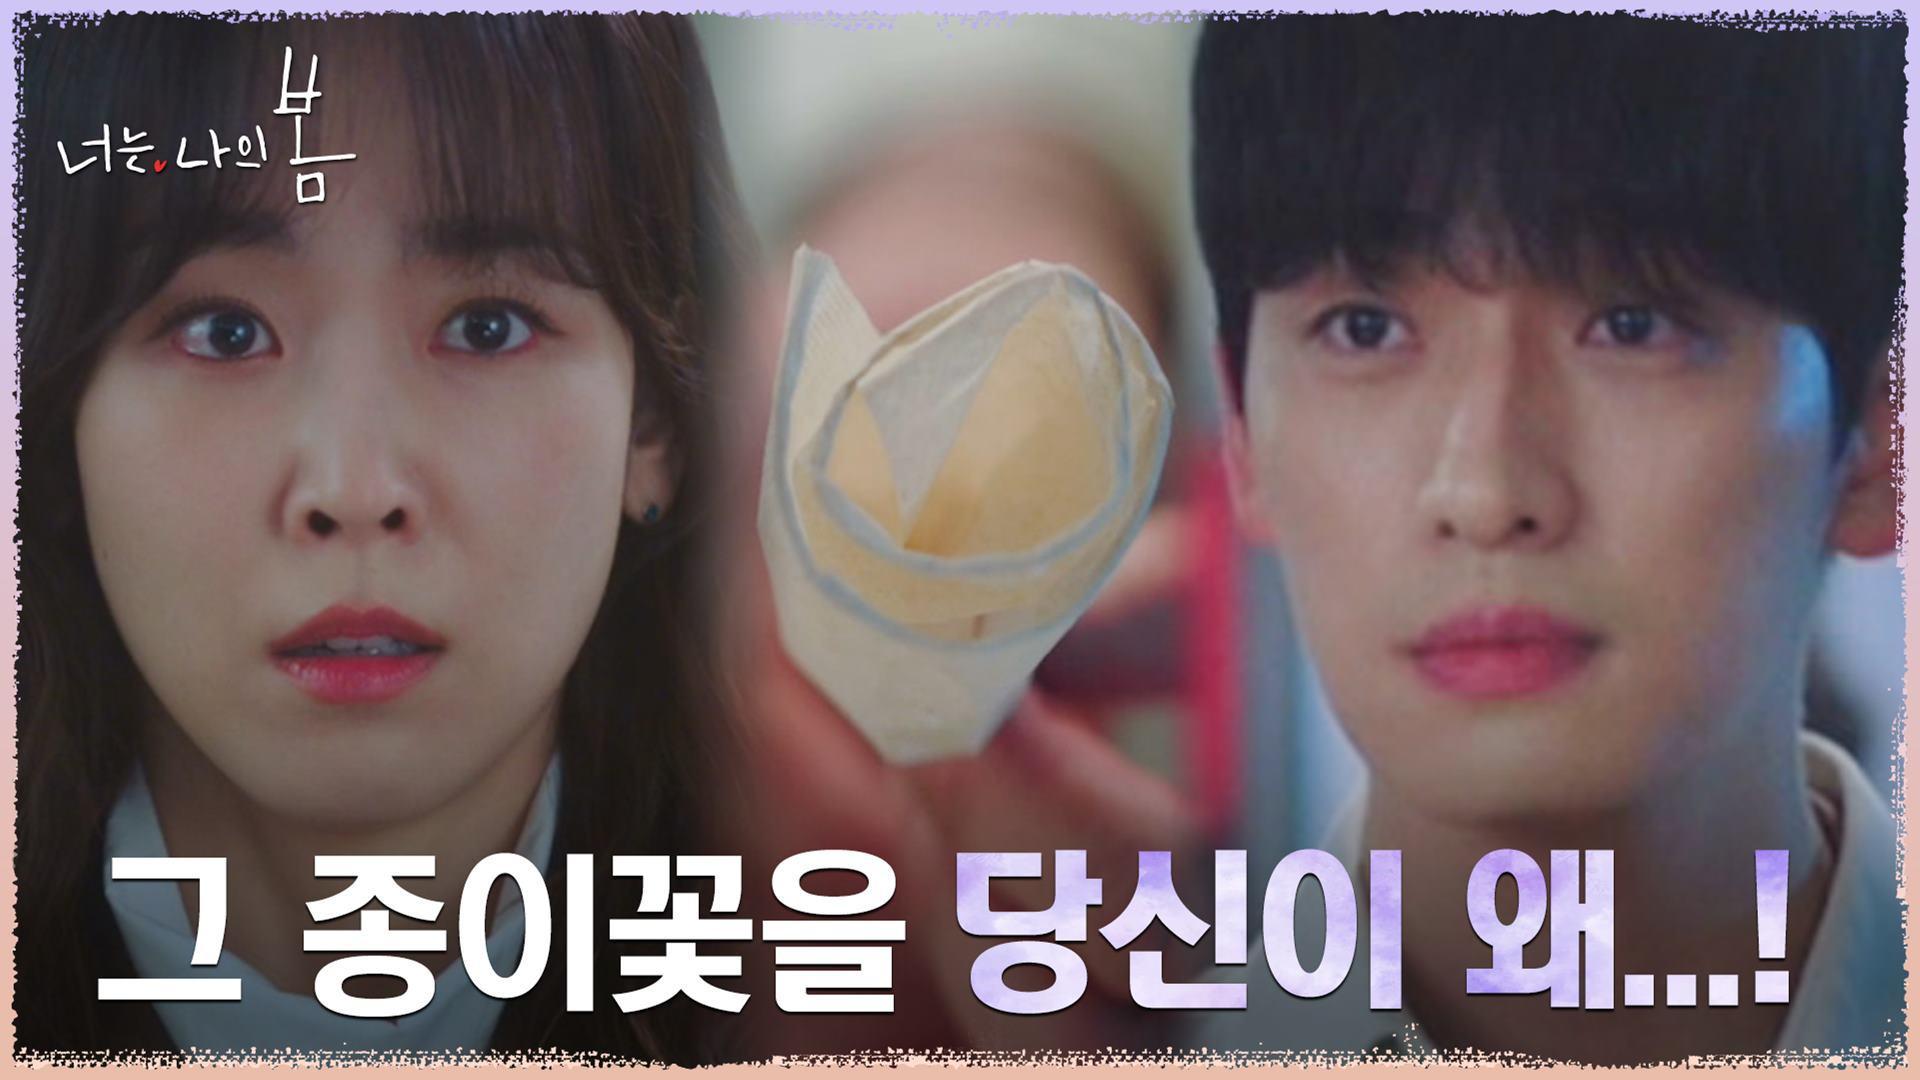 *소름엔딩* 익숙한 종이꽃을 든 윤박에 경악하는 서현진!   tvN 210727 방송